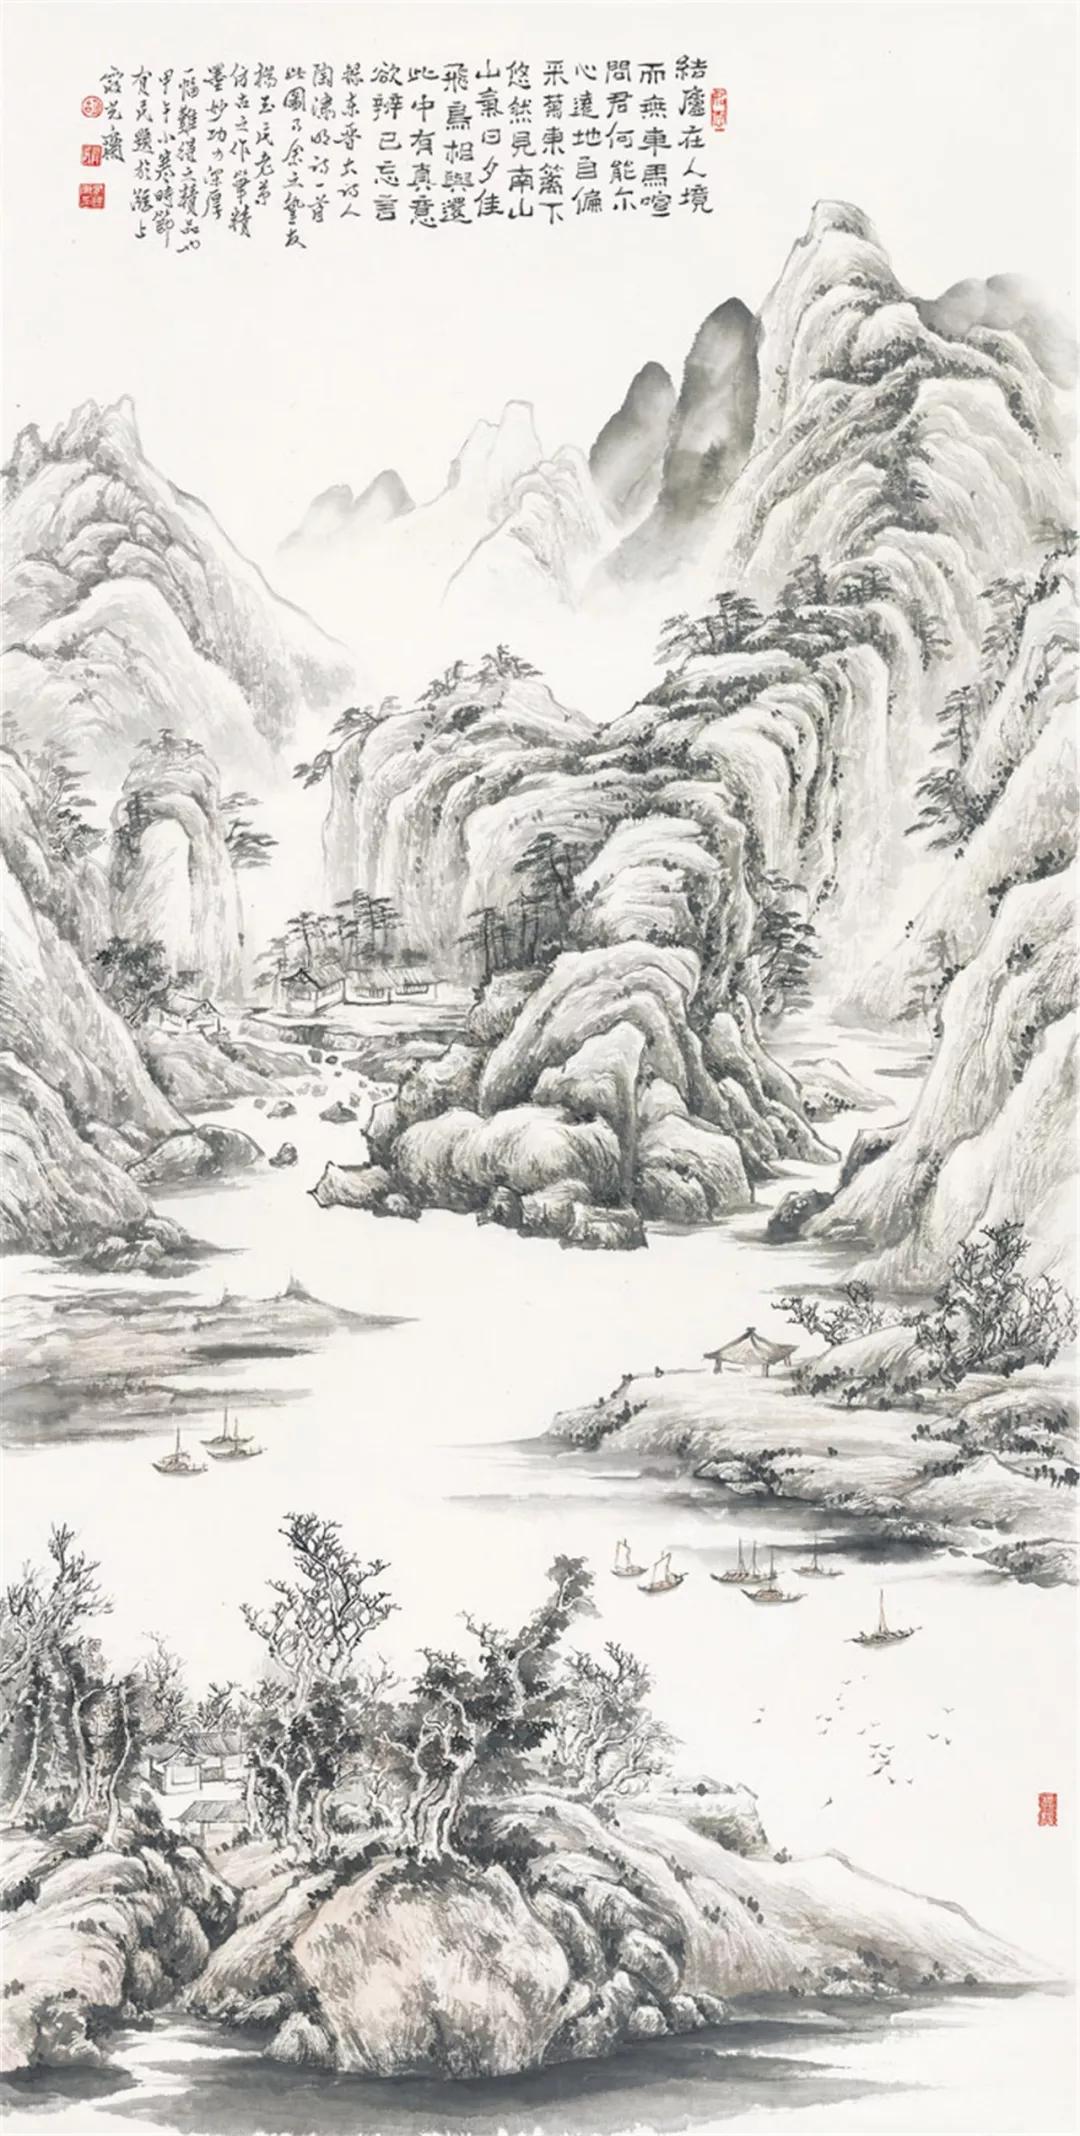 觀展 | 從《山道同行》看陳華諸師友的山水精神